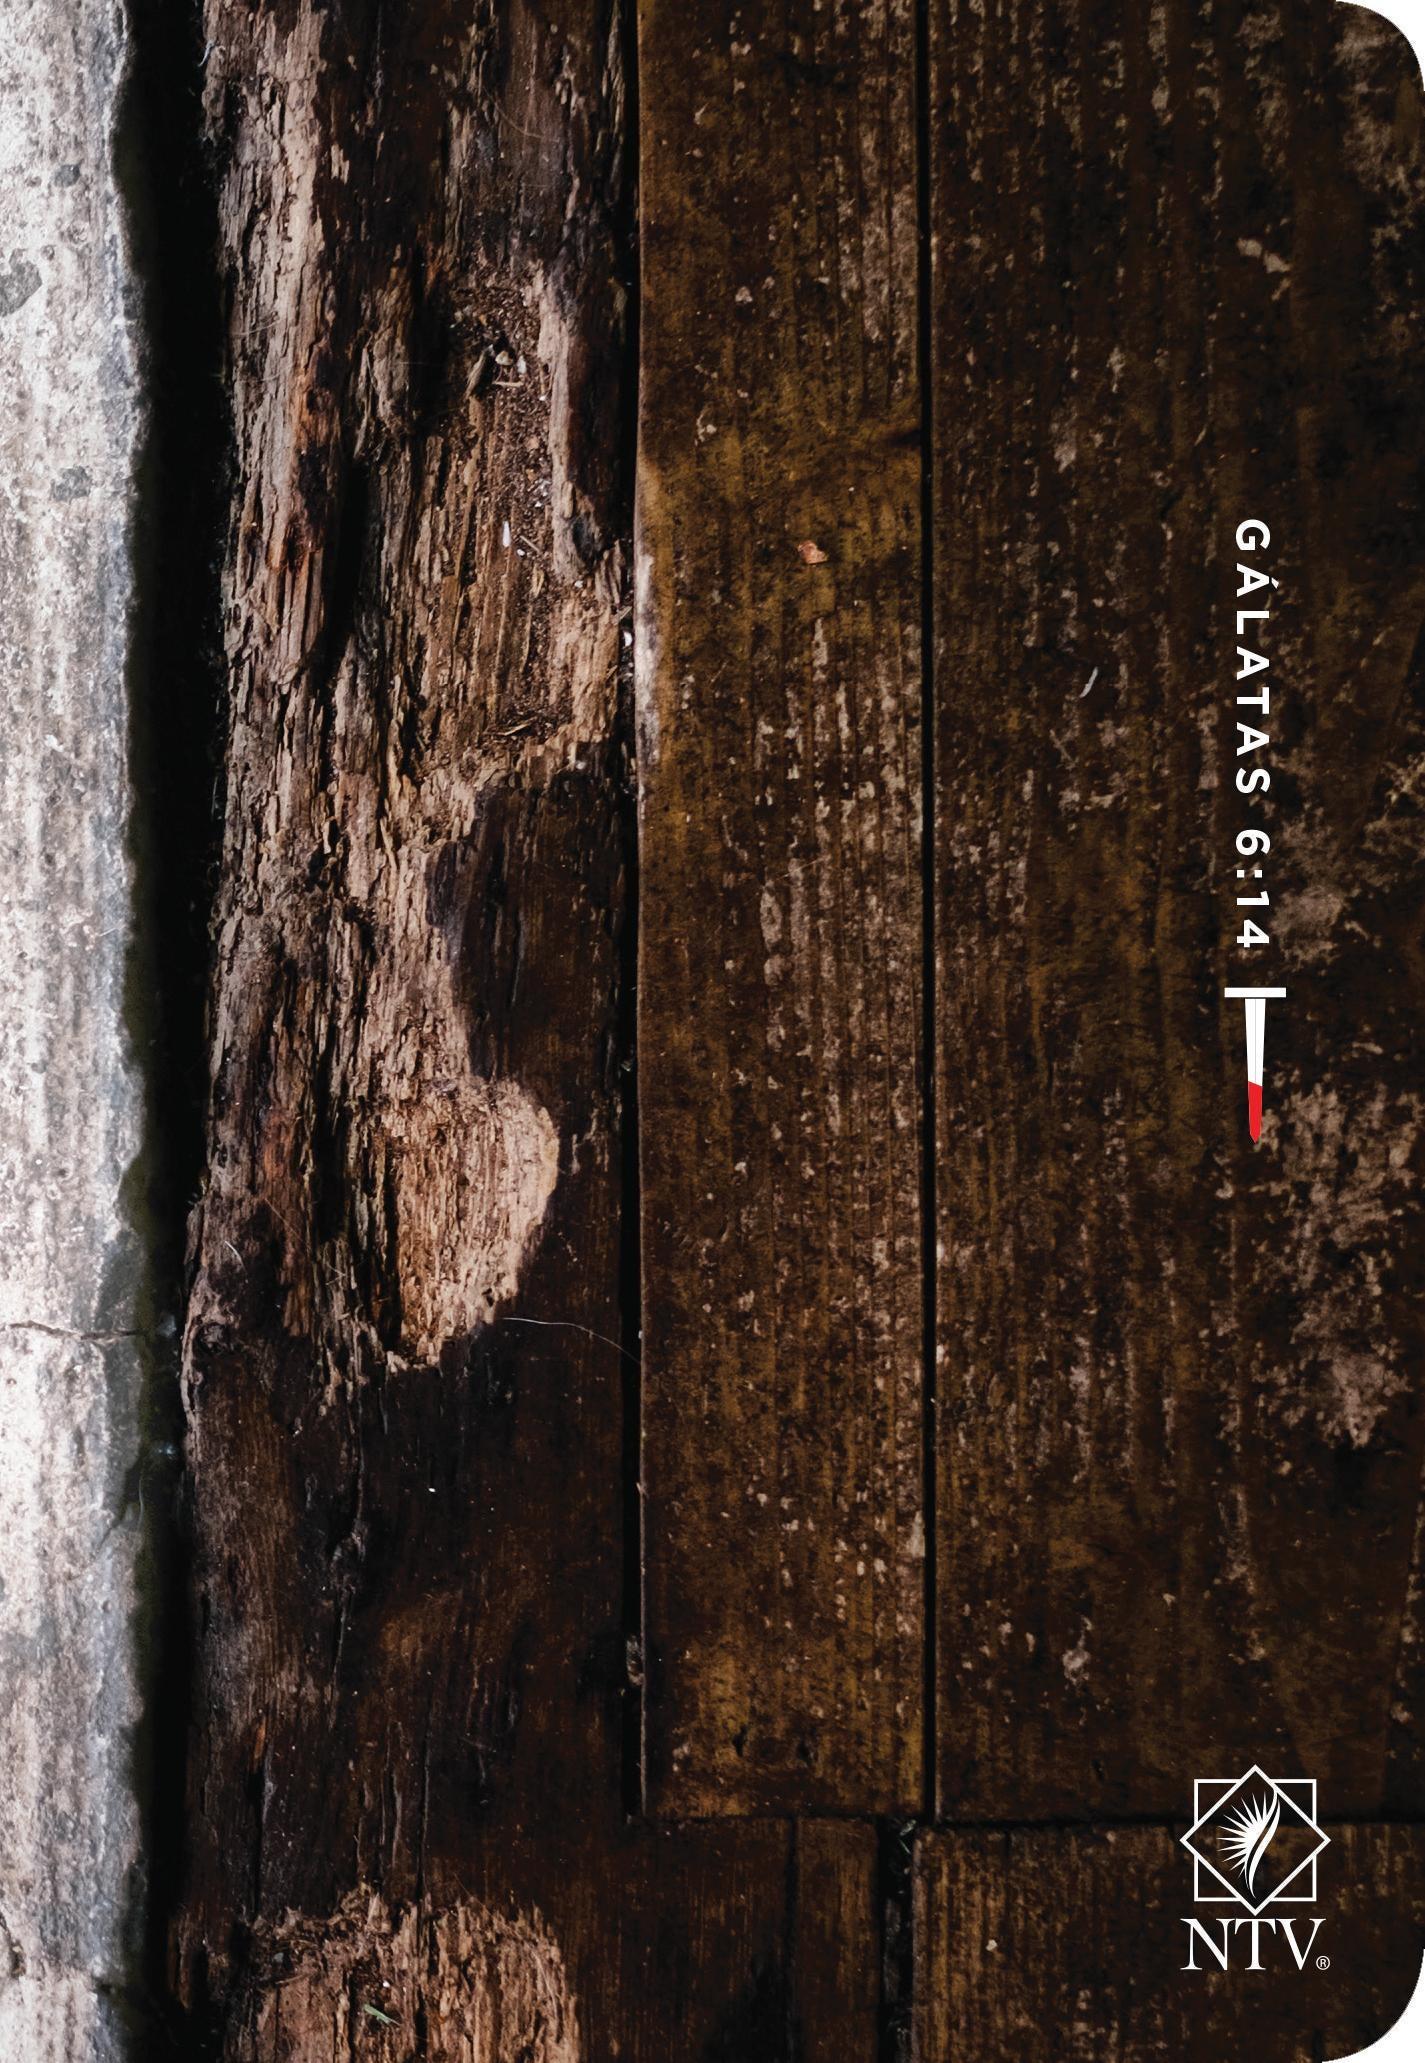 Santa Biblia NTV, Edición compacta letra grande, Gálatas 6:14: Holy Bible NTV, Compact Edition, Large Print, Galatians 6:14